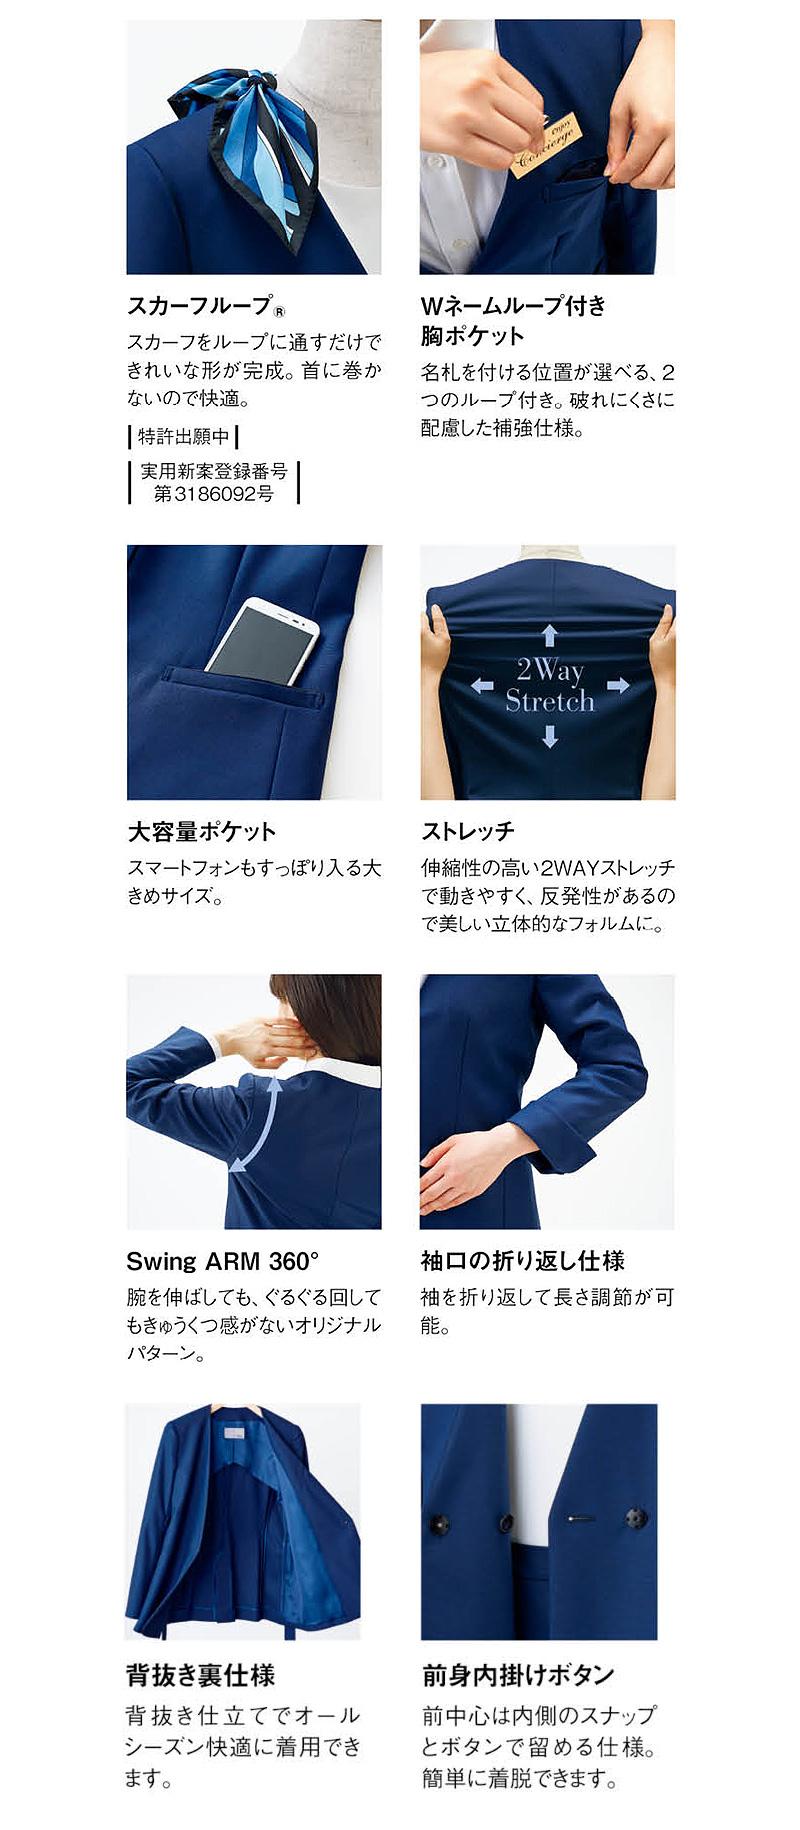 【2色】ラップジャケット(クロスウールストレッチ)